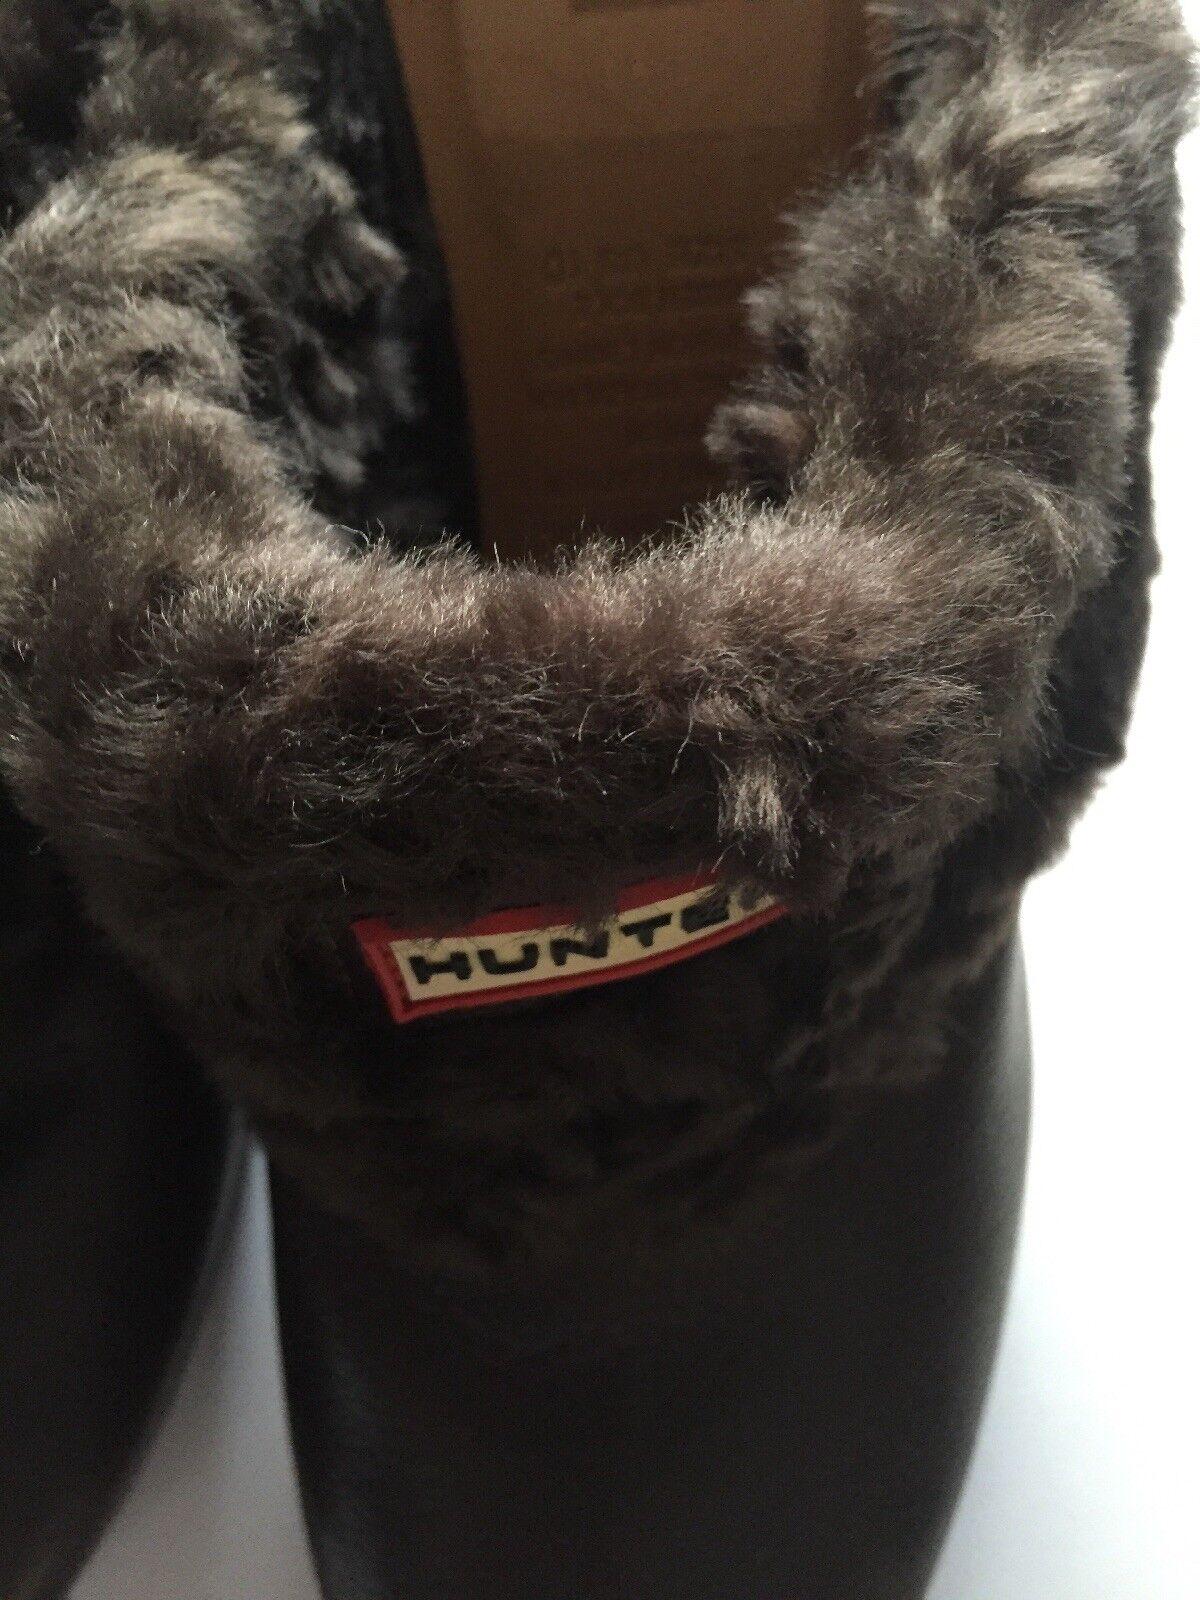 NWB - Hunter Damens's Bruson Schuhes - NWB Größe 10 02f2c7